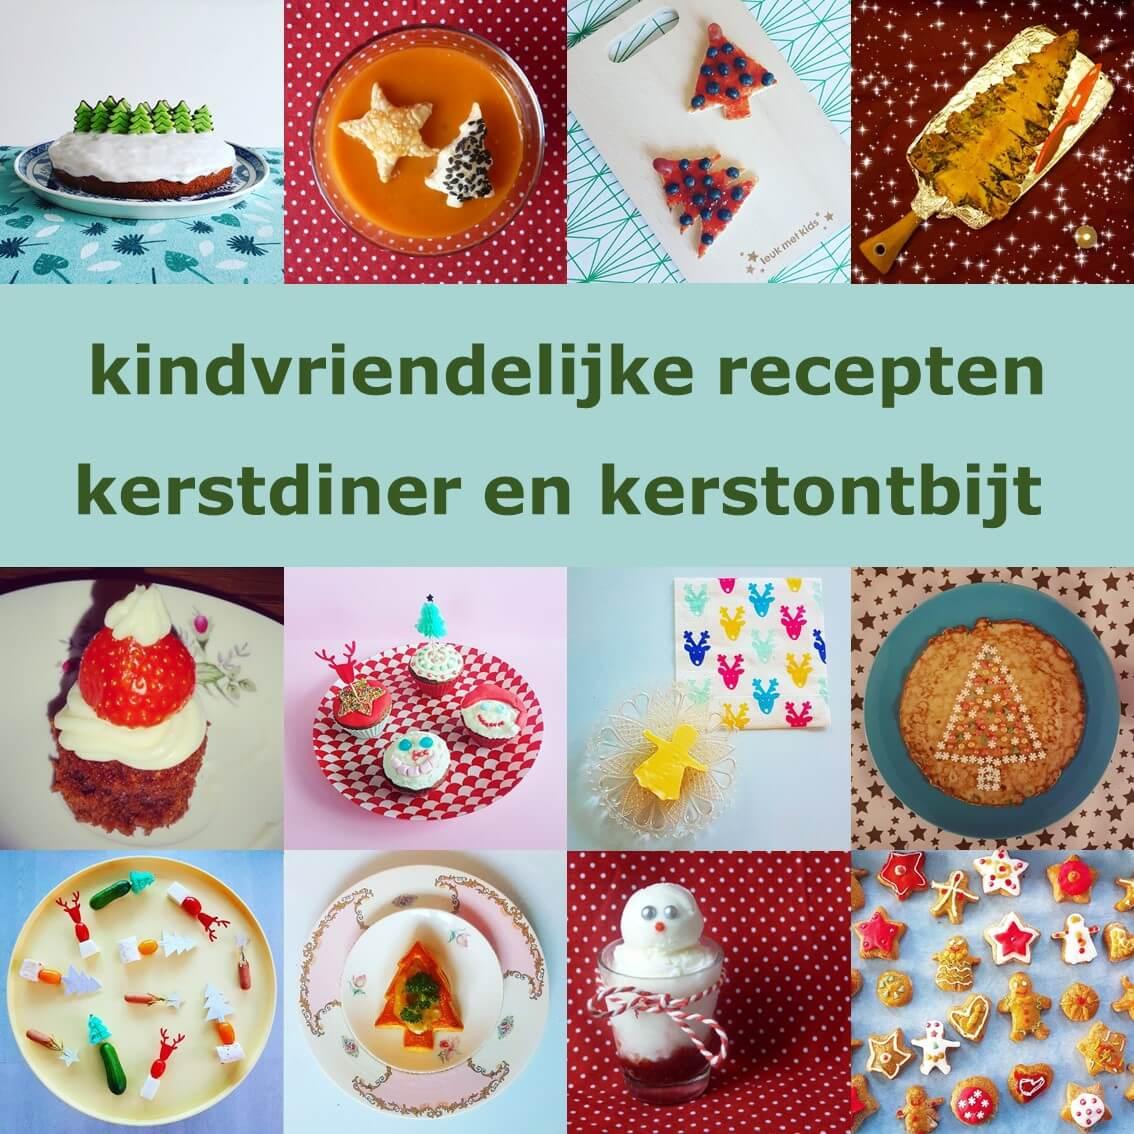 Recepten voor kerstdiner en kerstontbijt met kinderen, op school en thuis